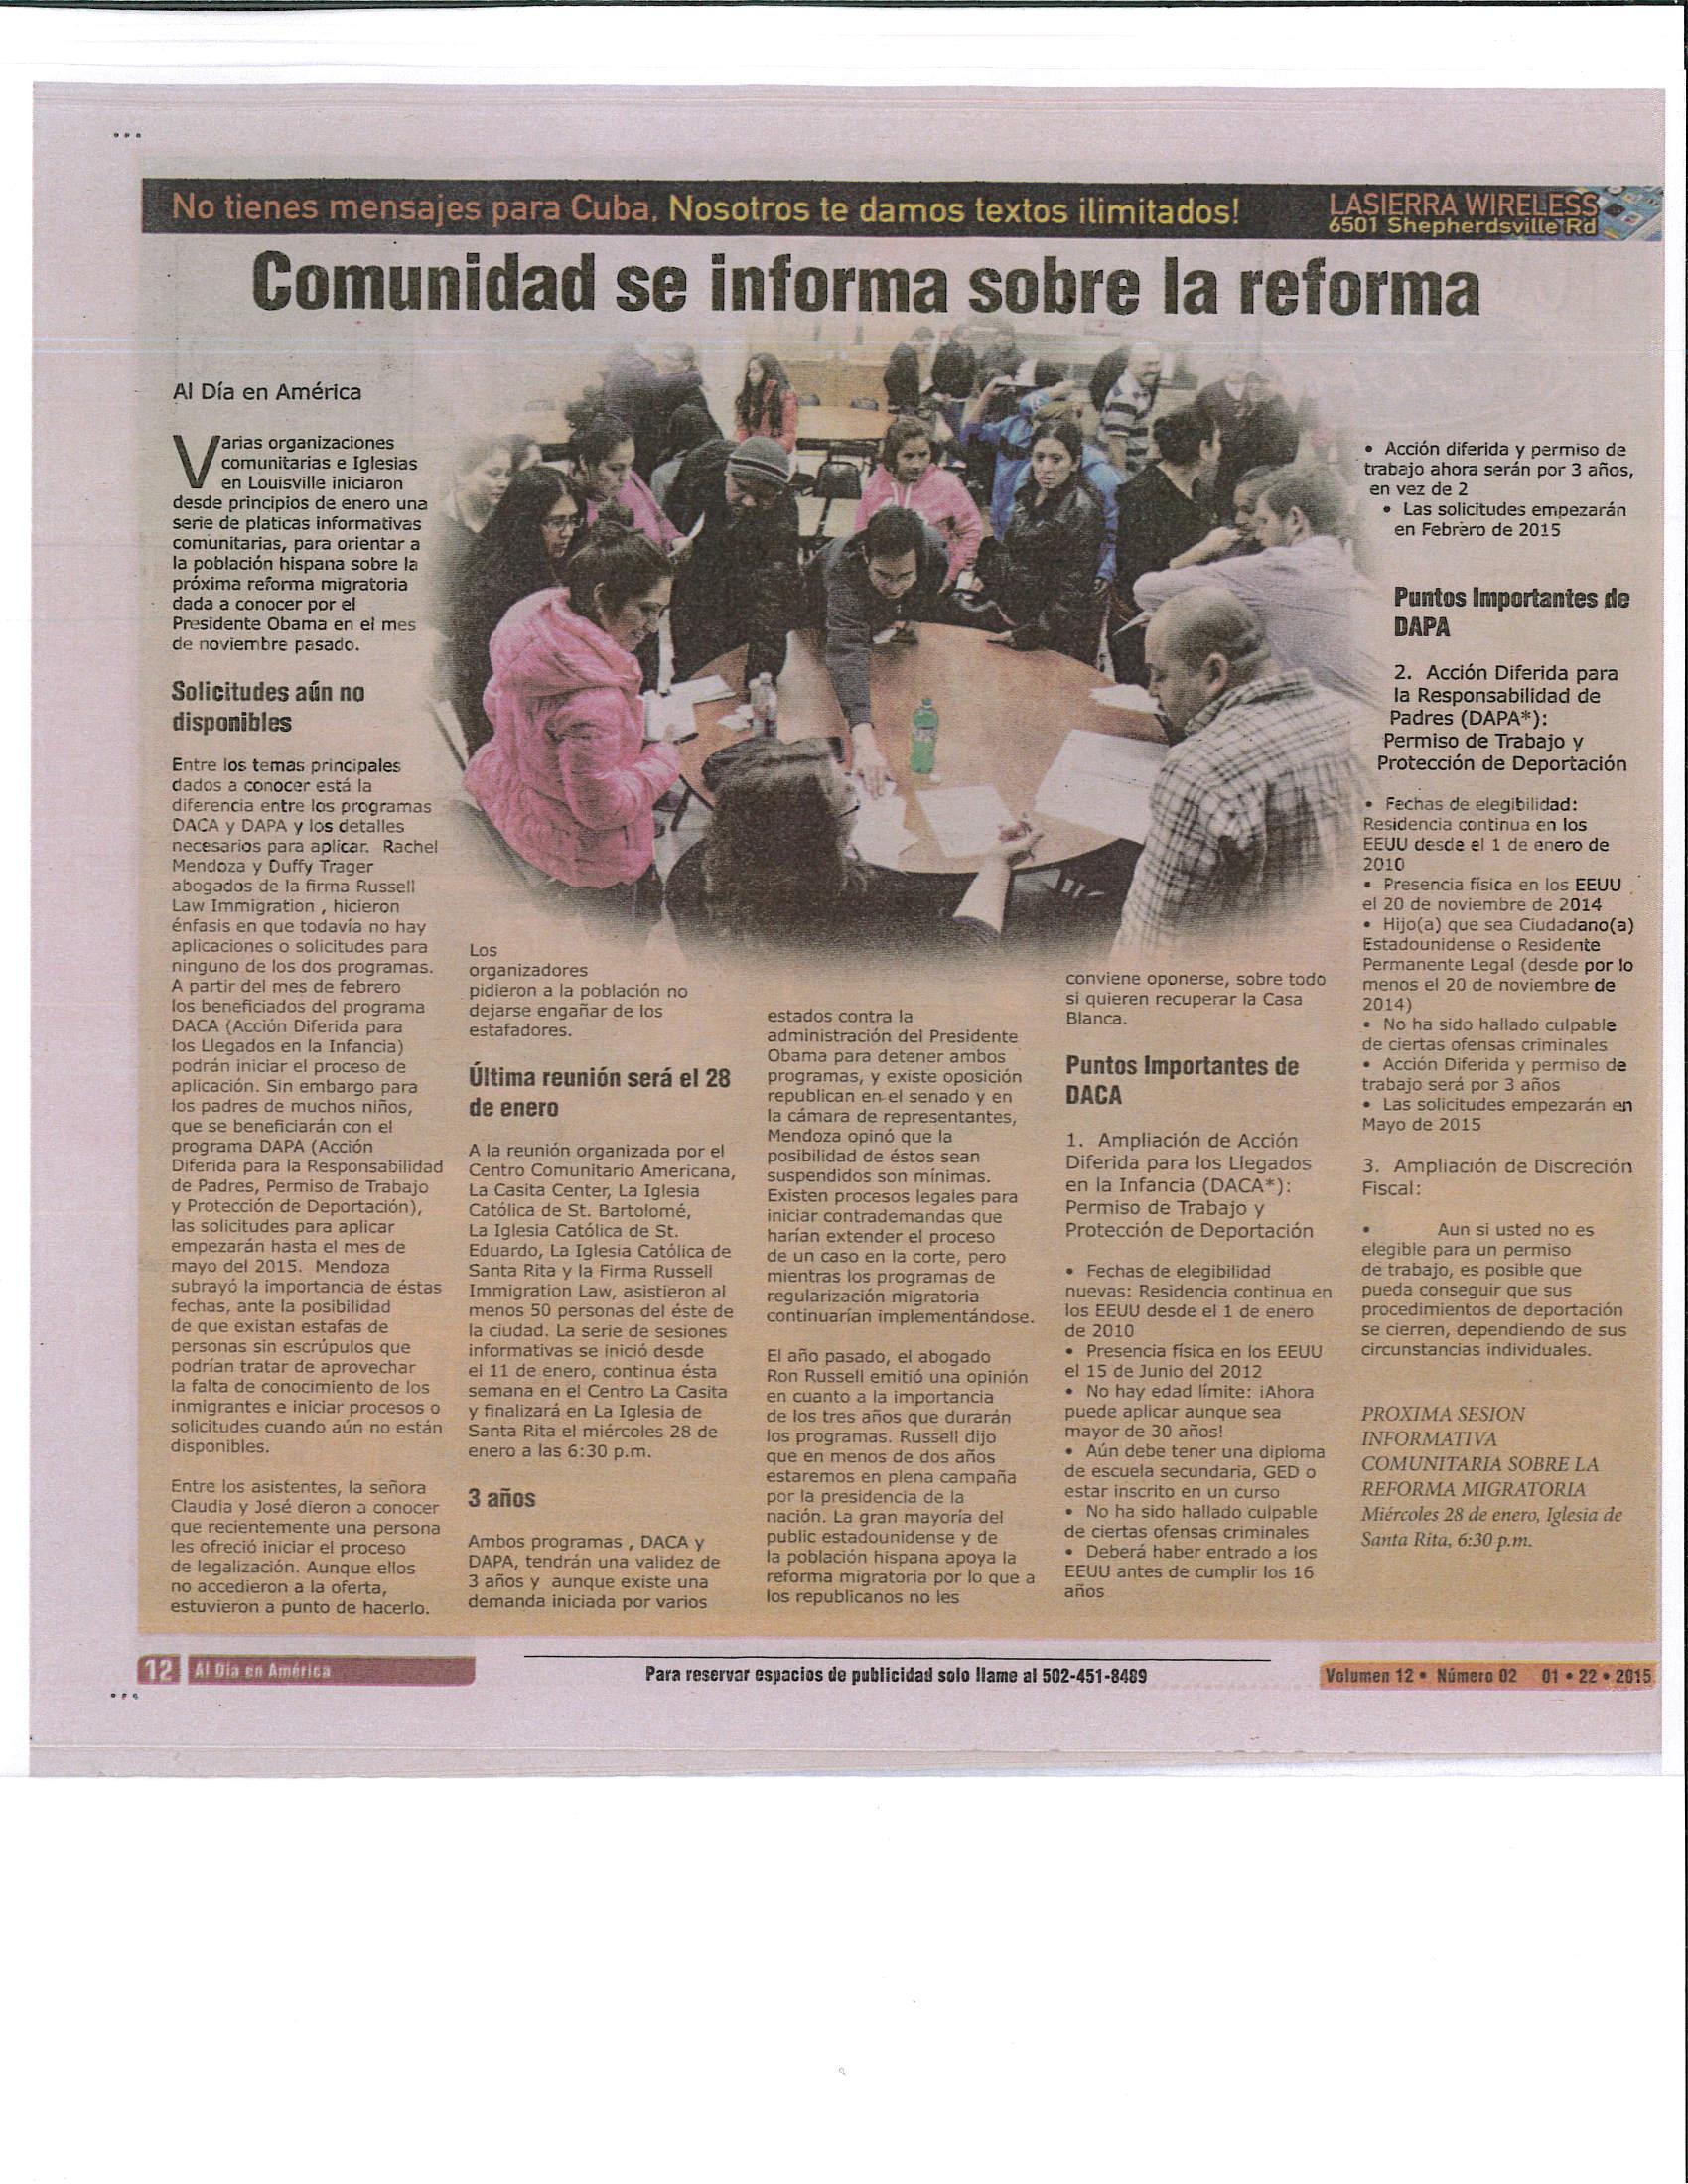 2015.01.22 Comunidad se informa sobre la reforma.png